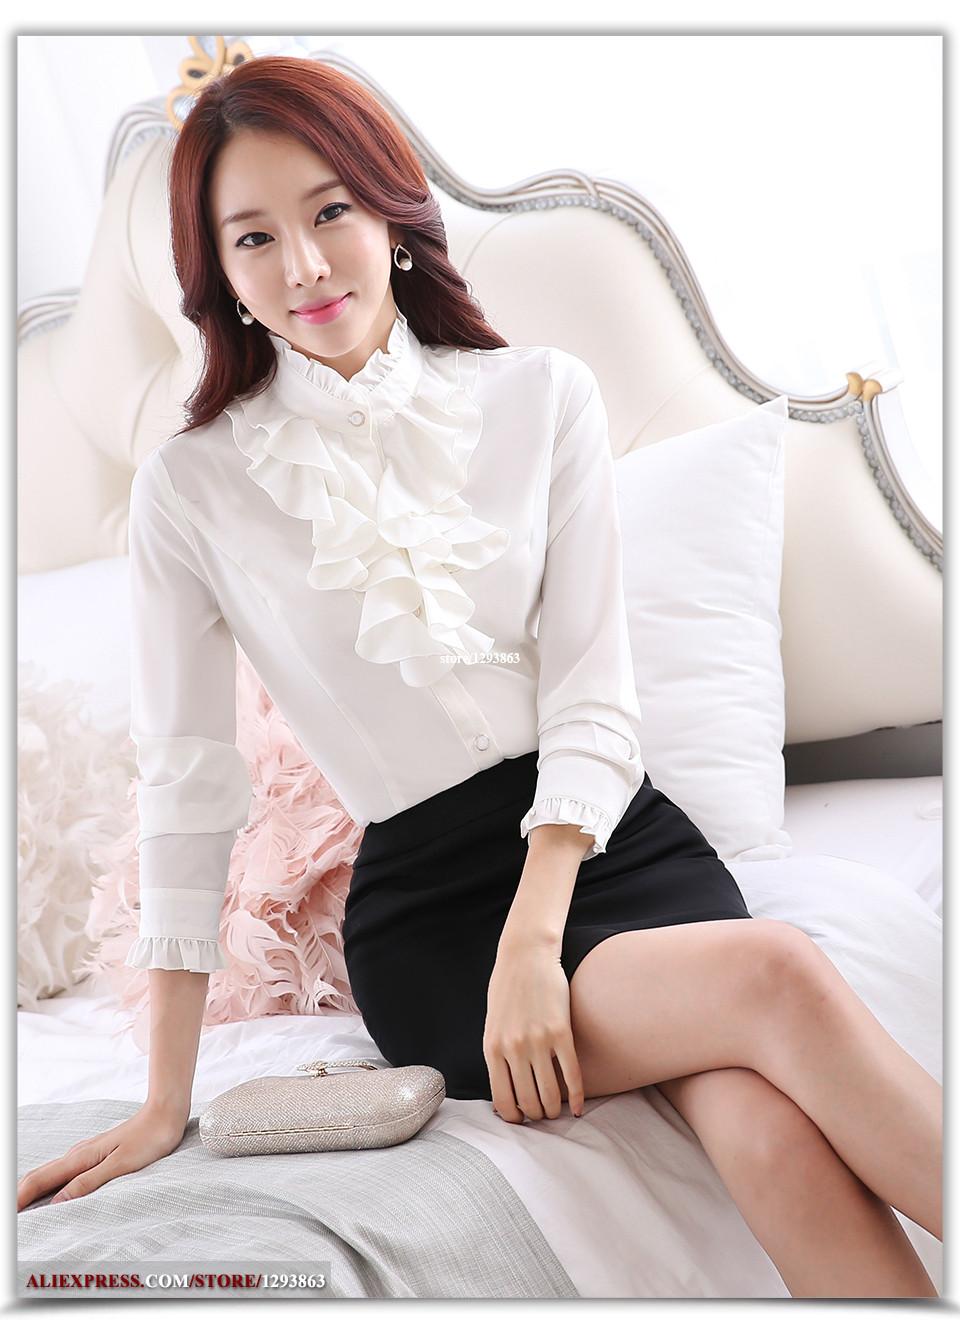 Lenshin biała bluzka moda damska pełna rękaw koszula na co dzień elegancki kołnierz z marszczonym półgolfem biuro topy damskie odzież damska -